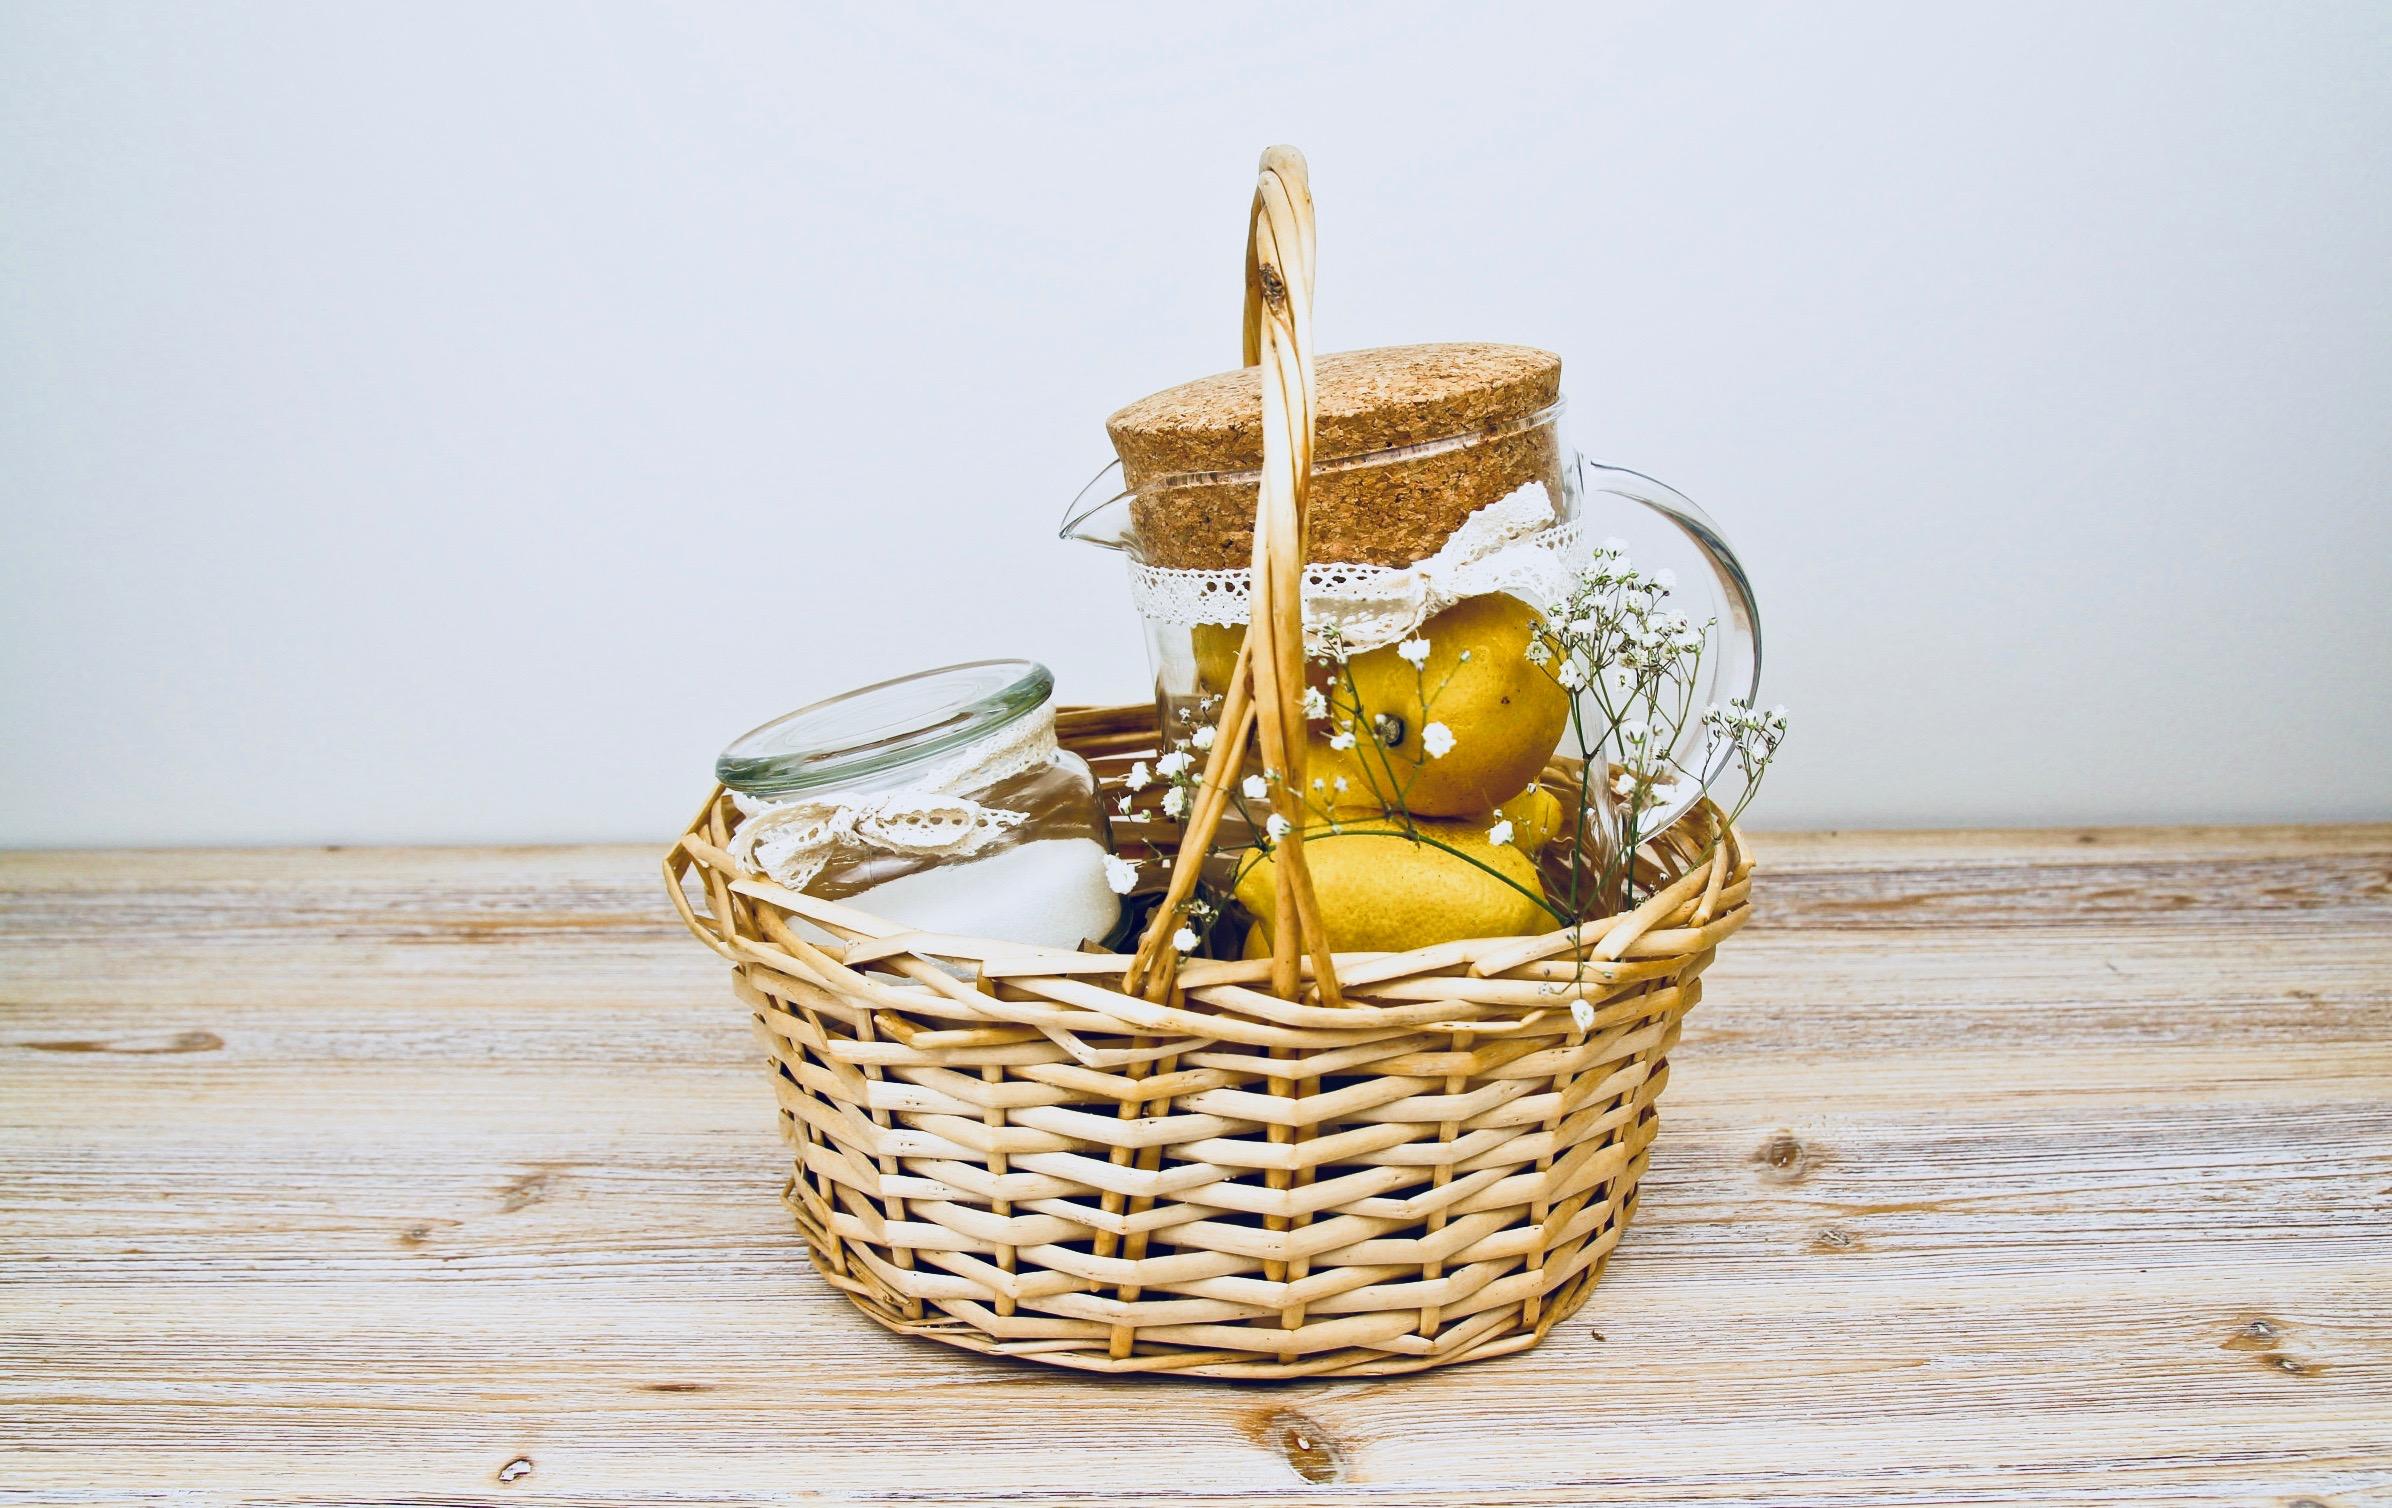 Presentkorg med citroner, socker och kanna för hemgjord lemonad